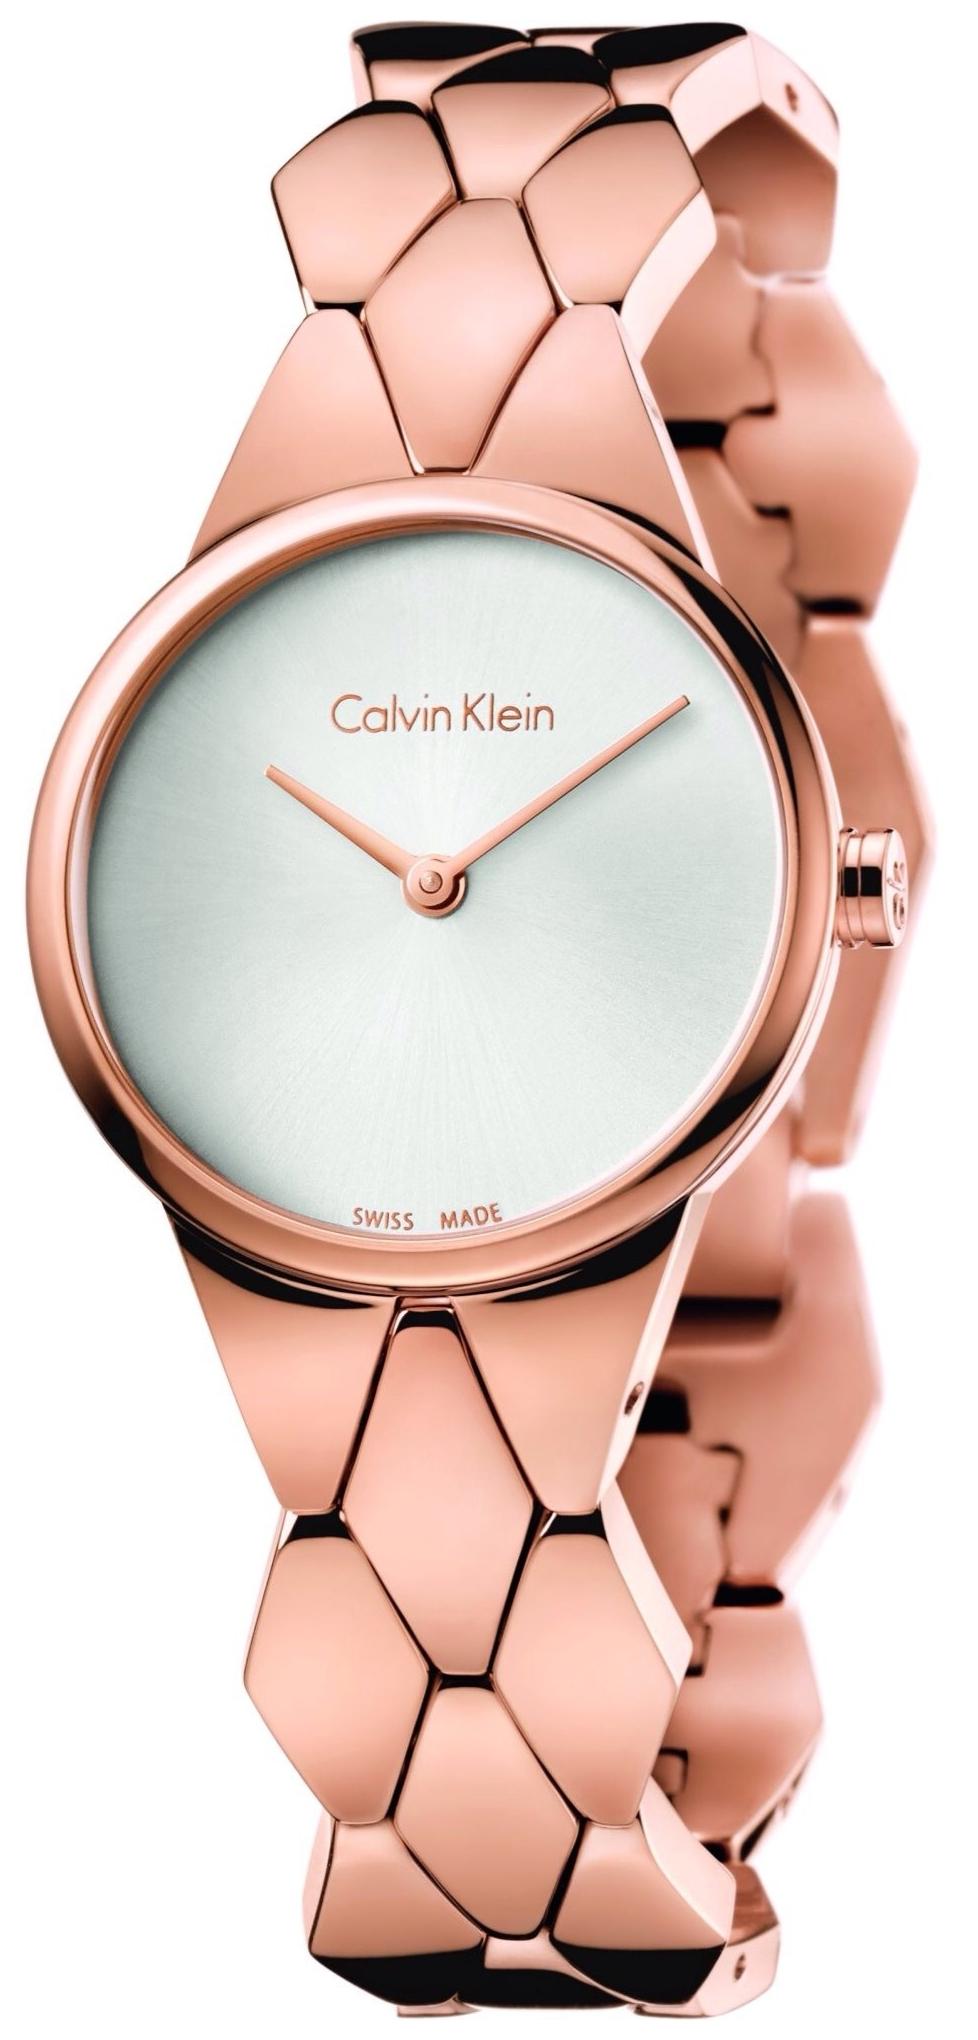 Rose gold Calvin Klein